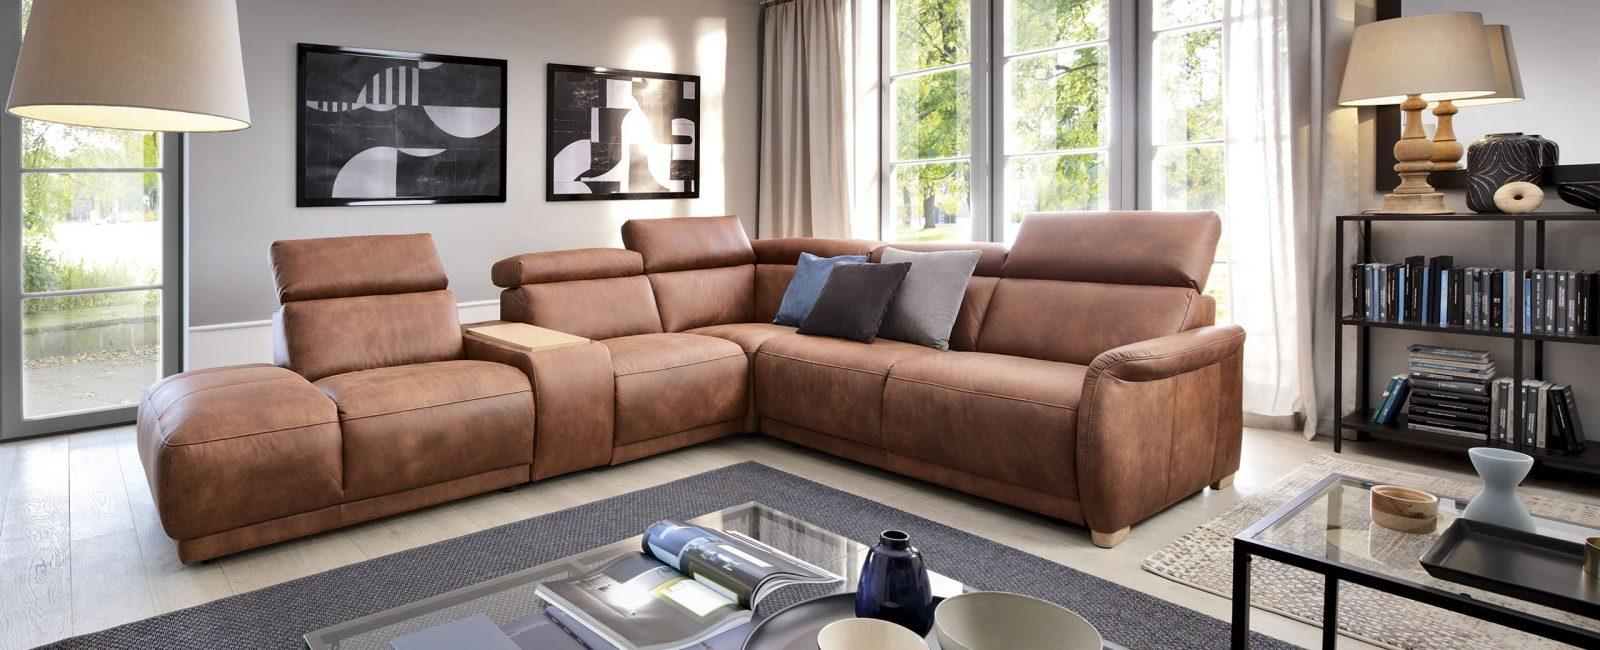 Sofa kulit yang bergaya dan bergaya